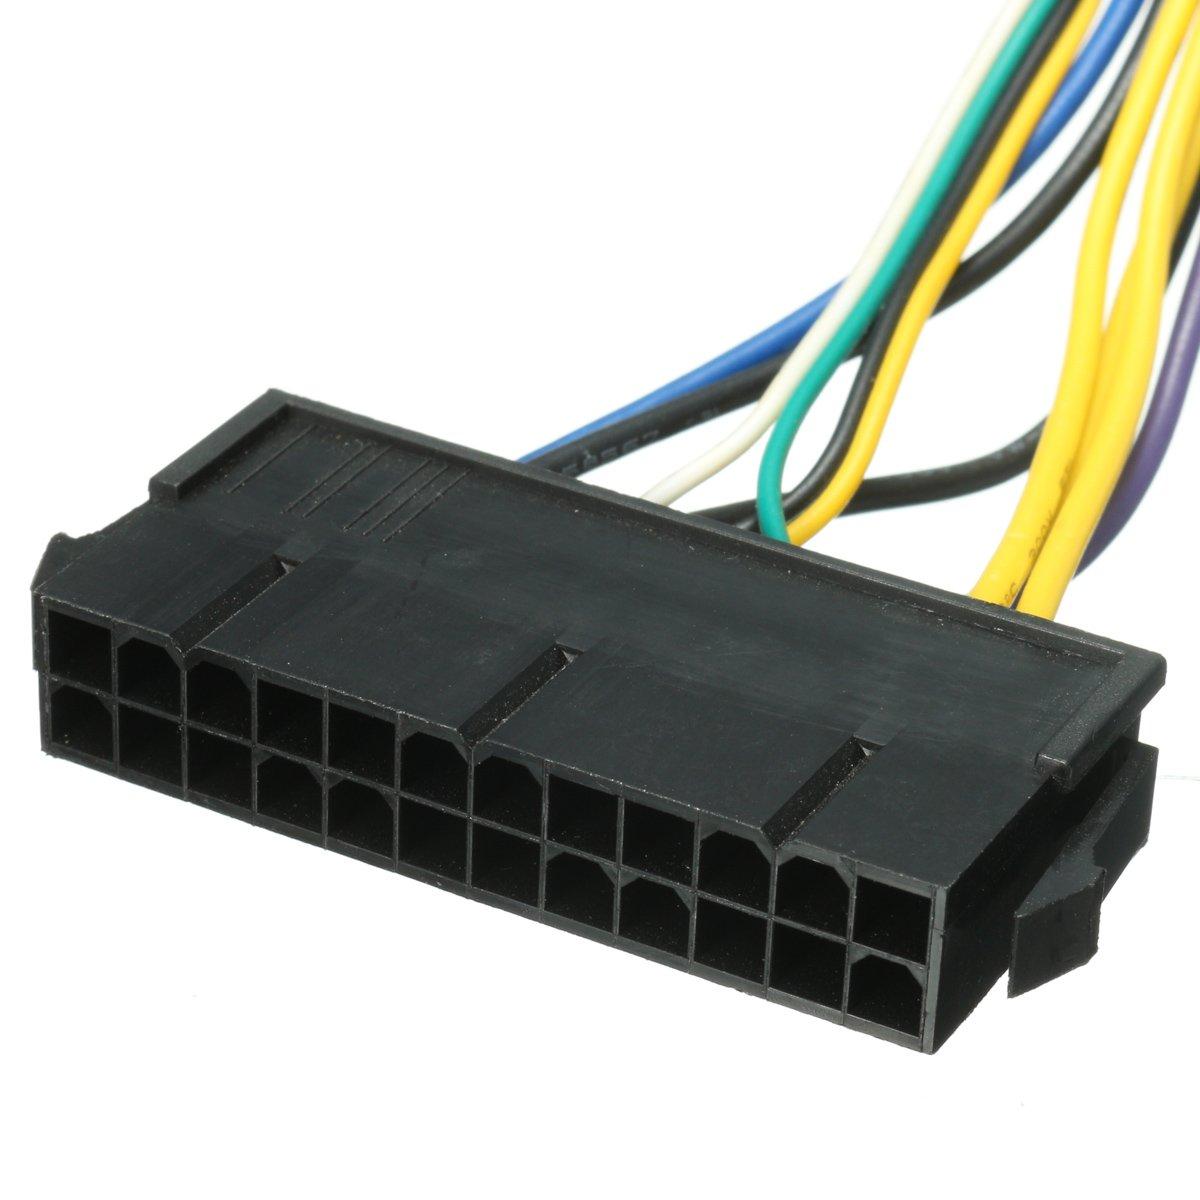 Tolle Donnerbolzen Zum Firewire Adapter Galerie - Elektrische ...